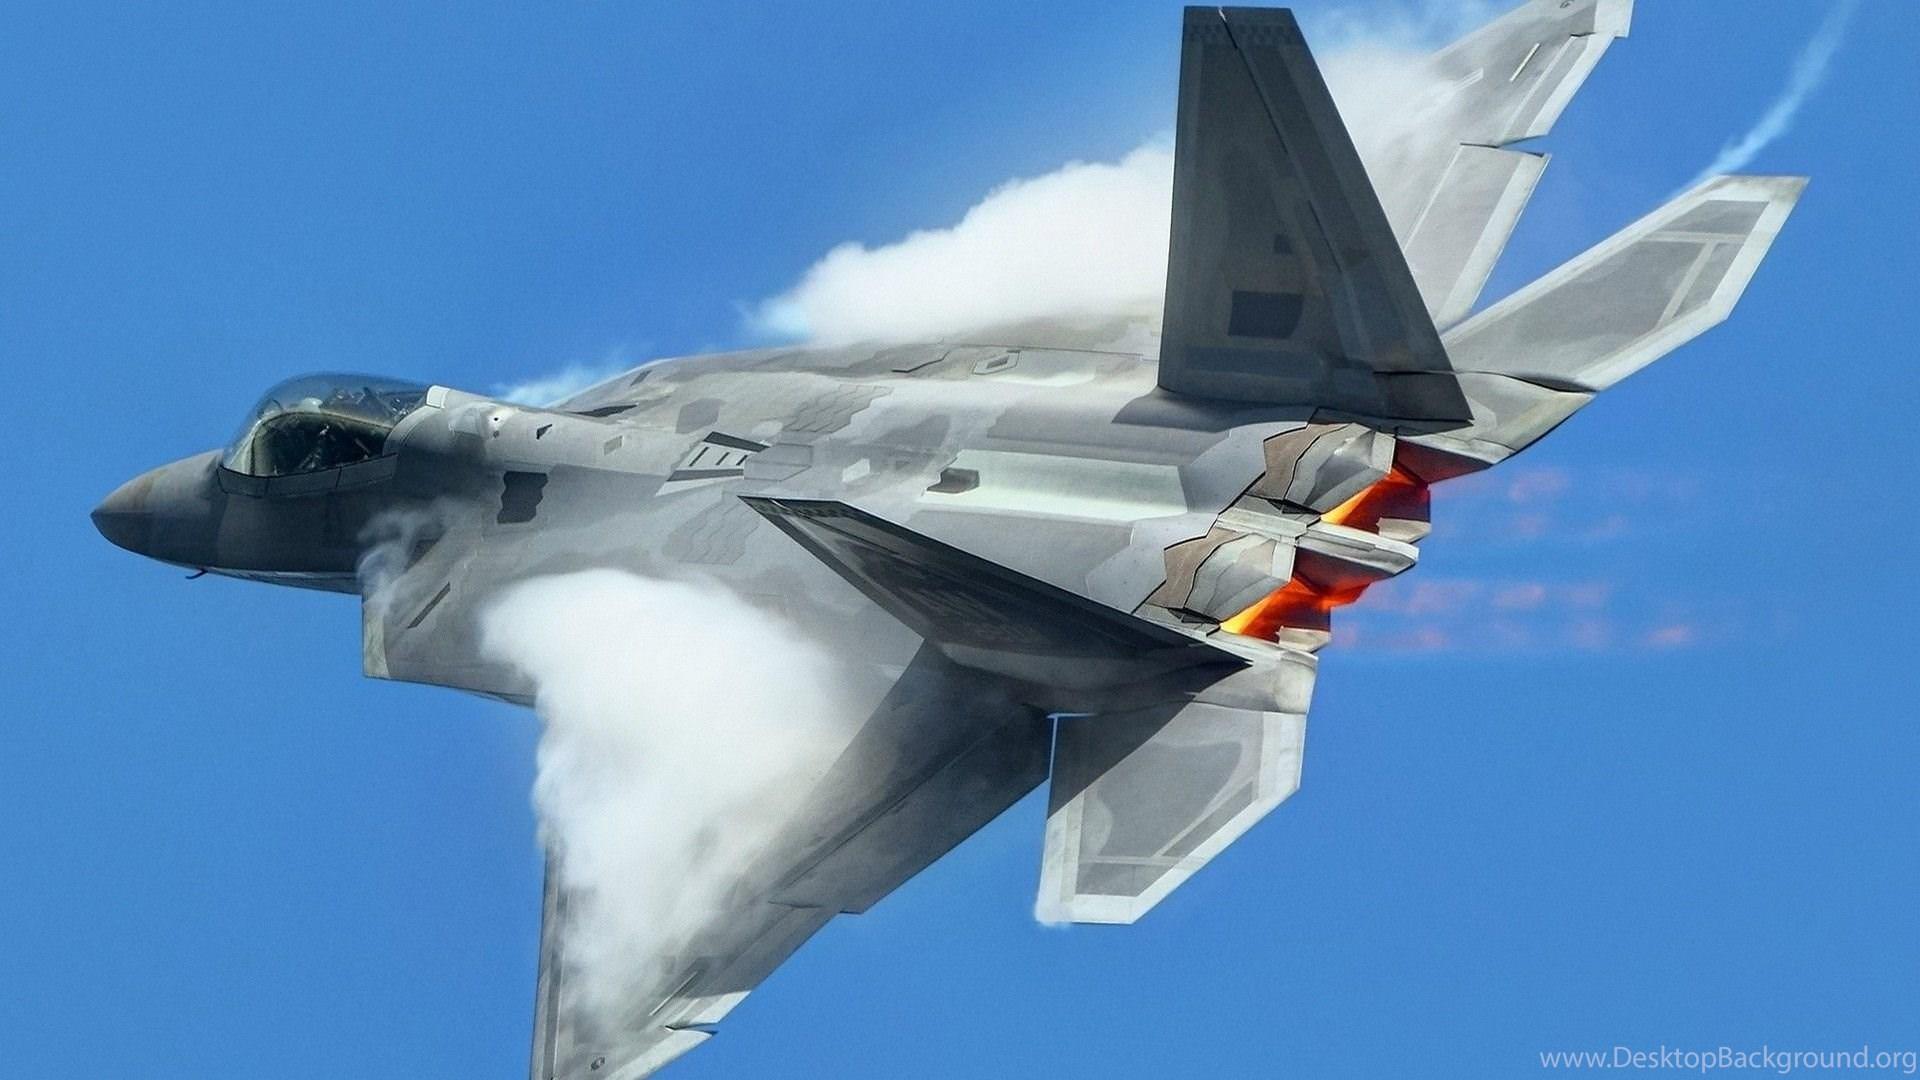 Jet Fighter F 22 Raptor Wallpapers Designs 3225 Desktop Background